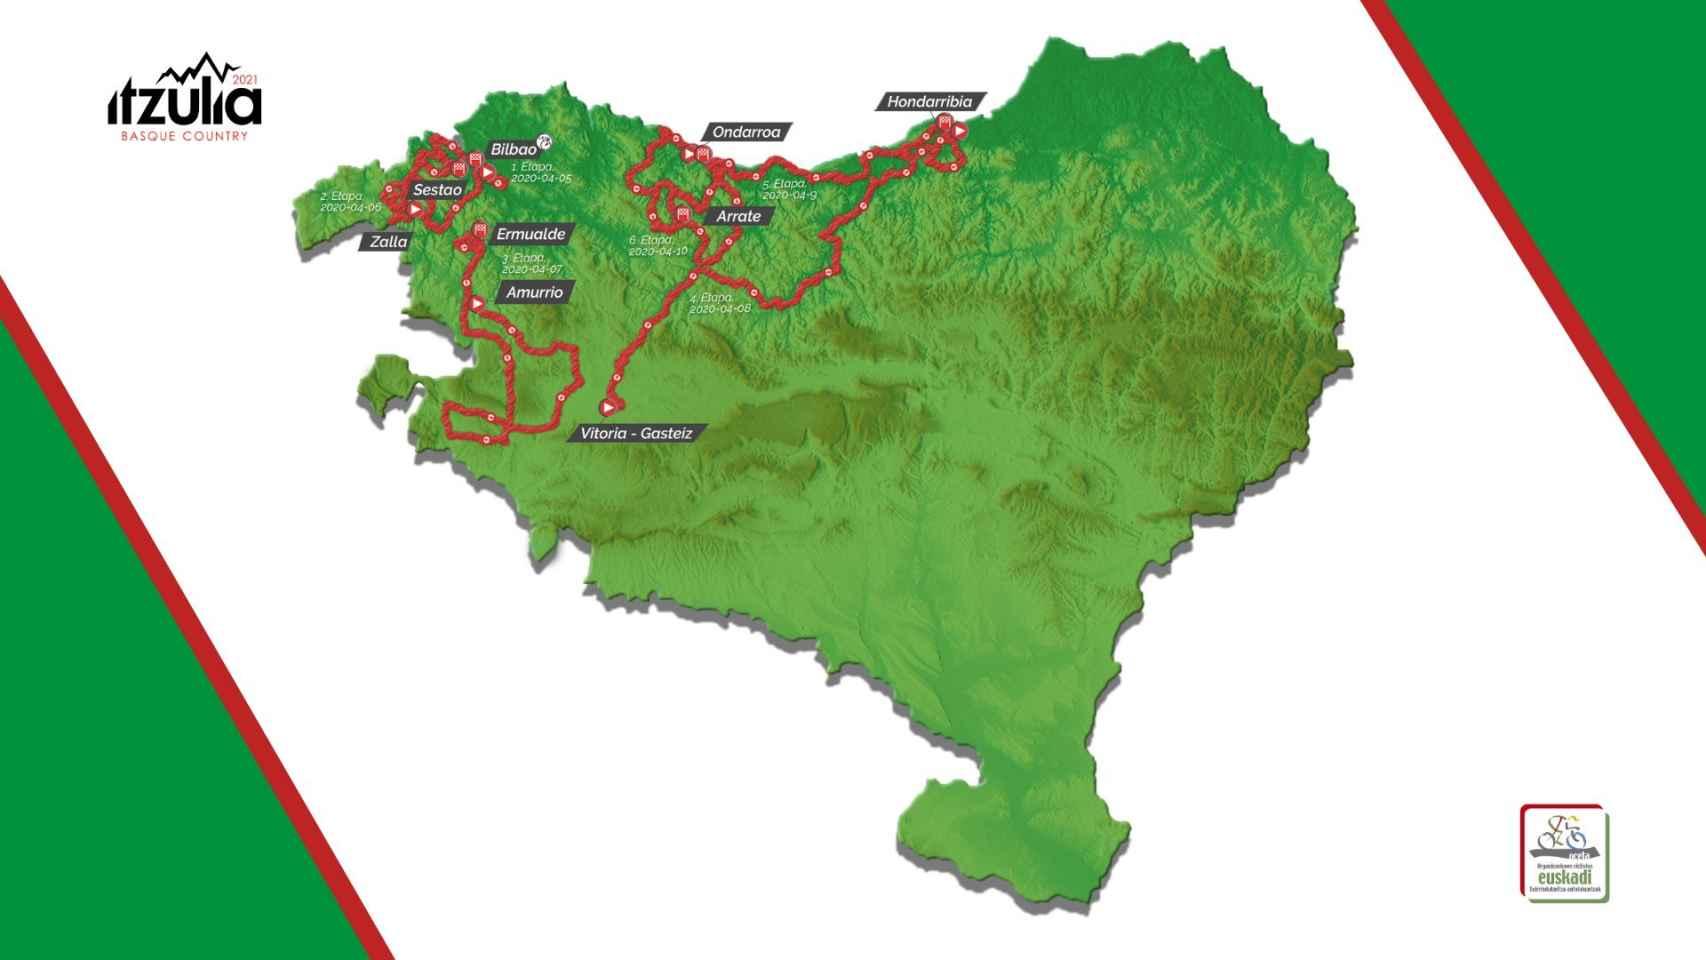 El recorrido de la Itzulia Basque Country 2021, la Vuelta al País Vasco